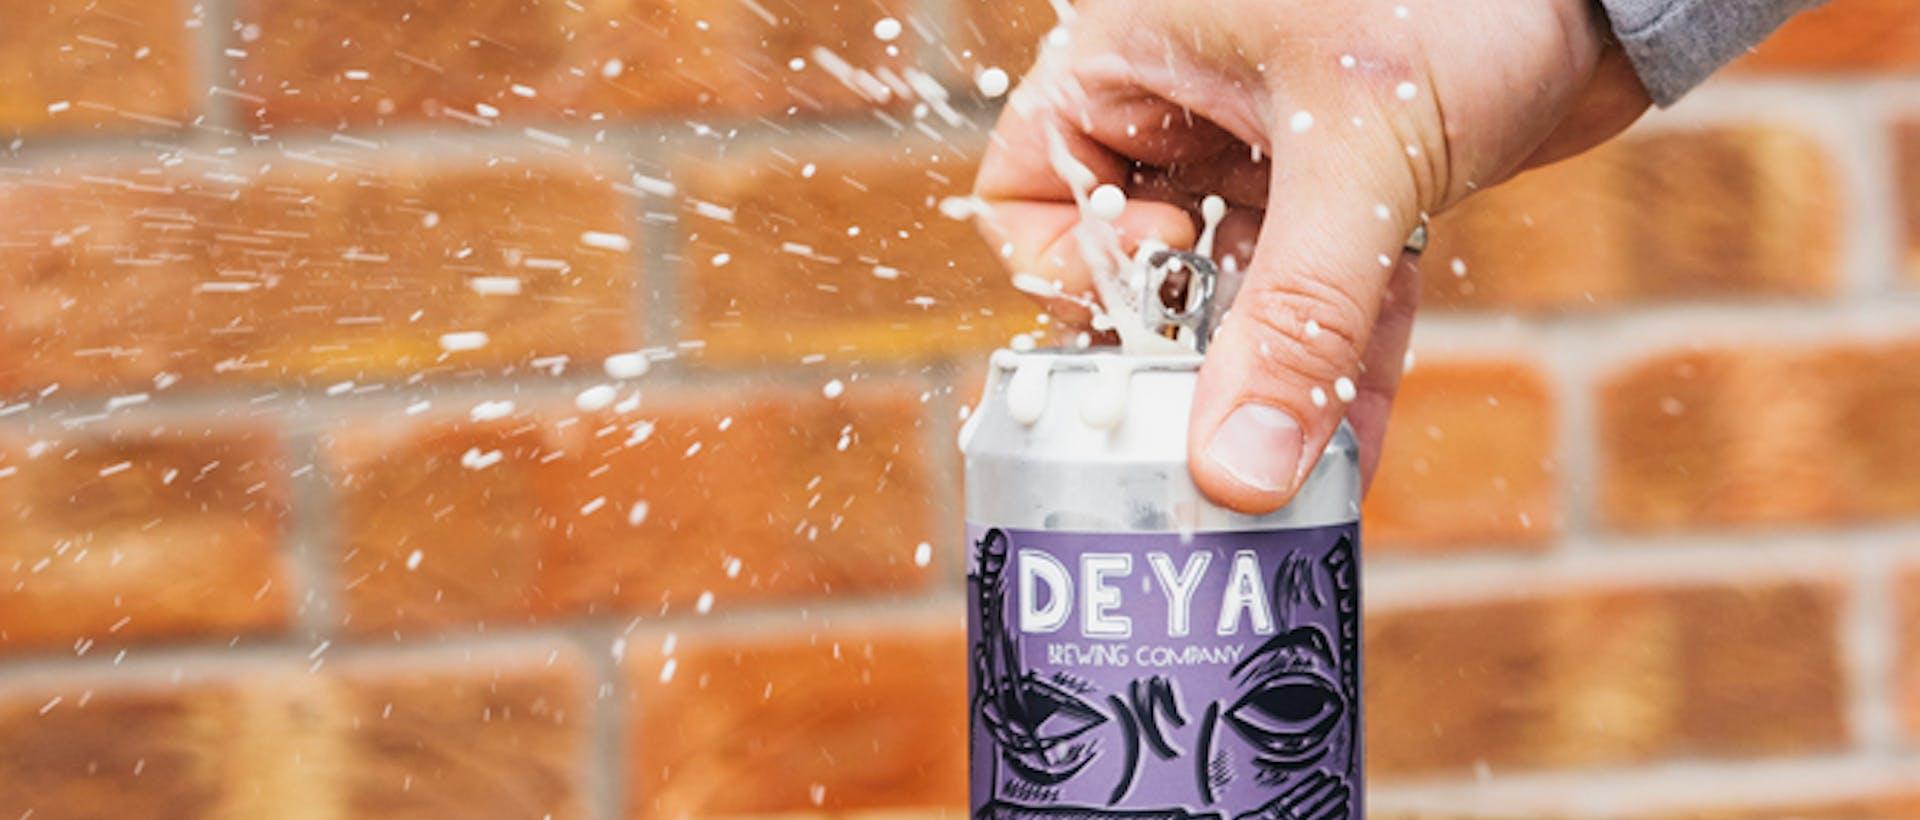 Deya-121